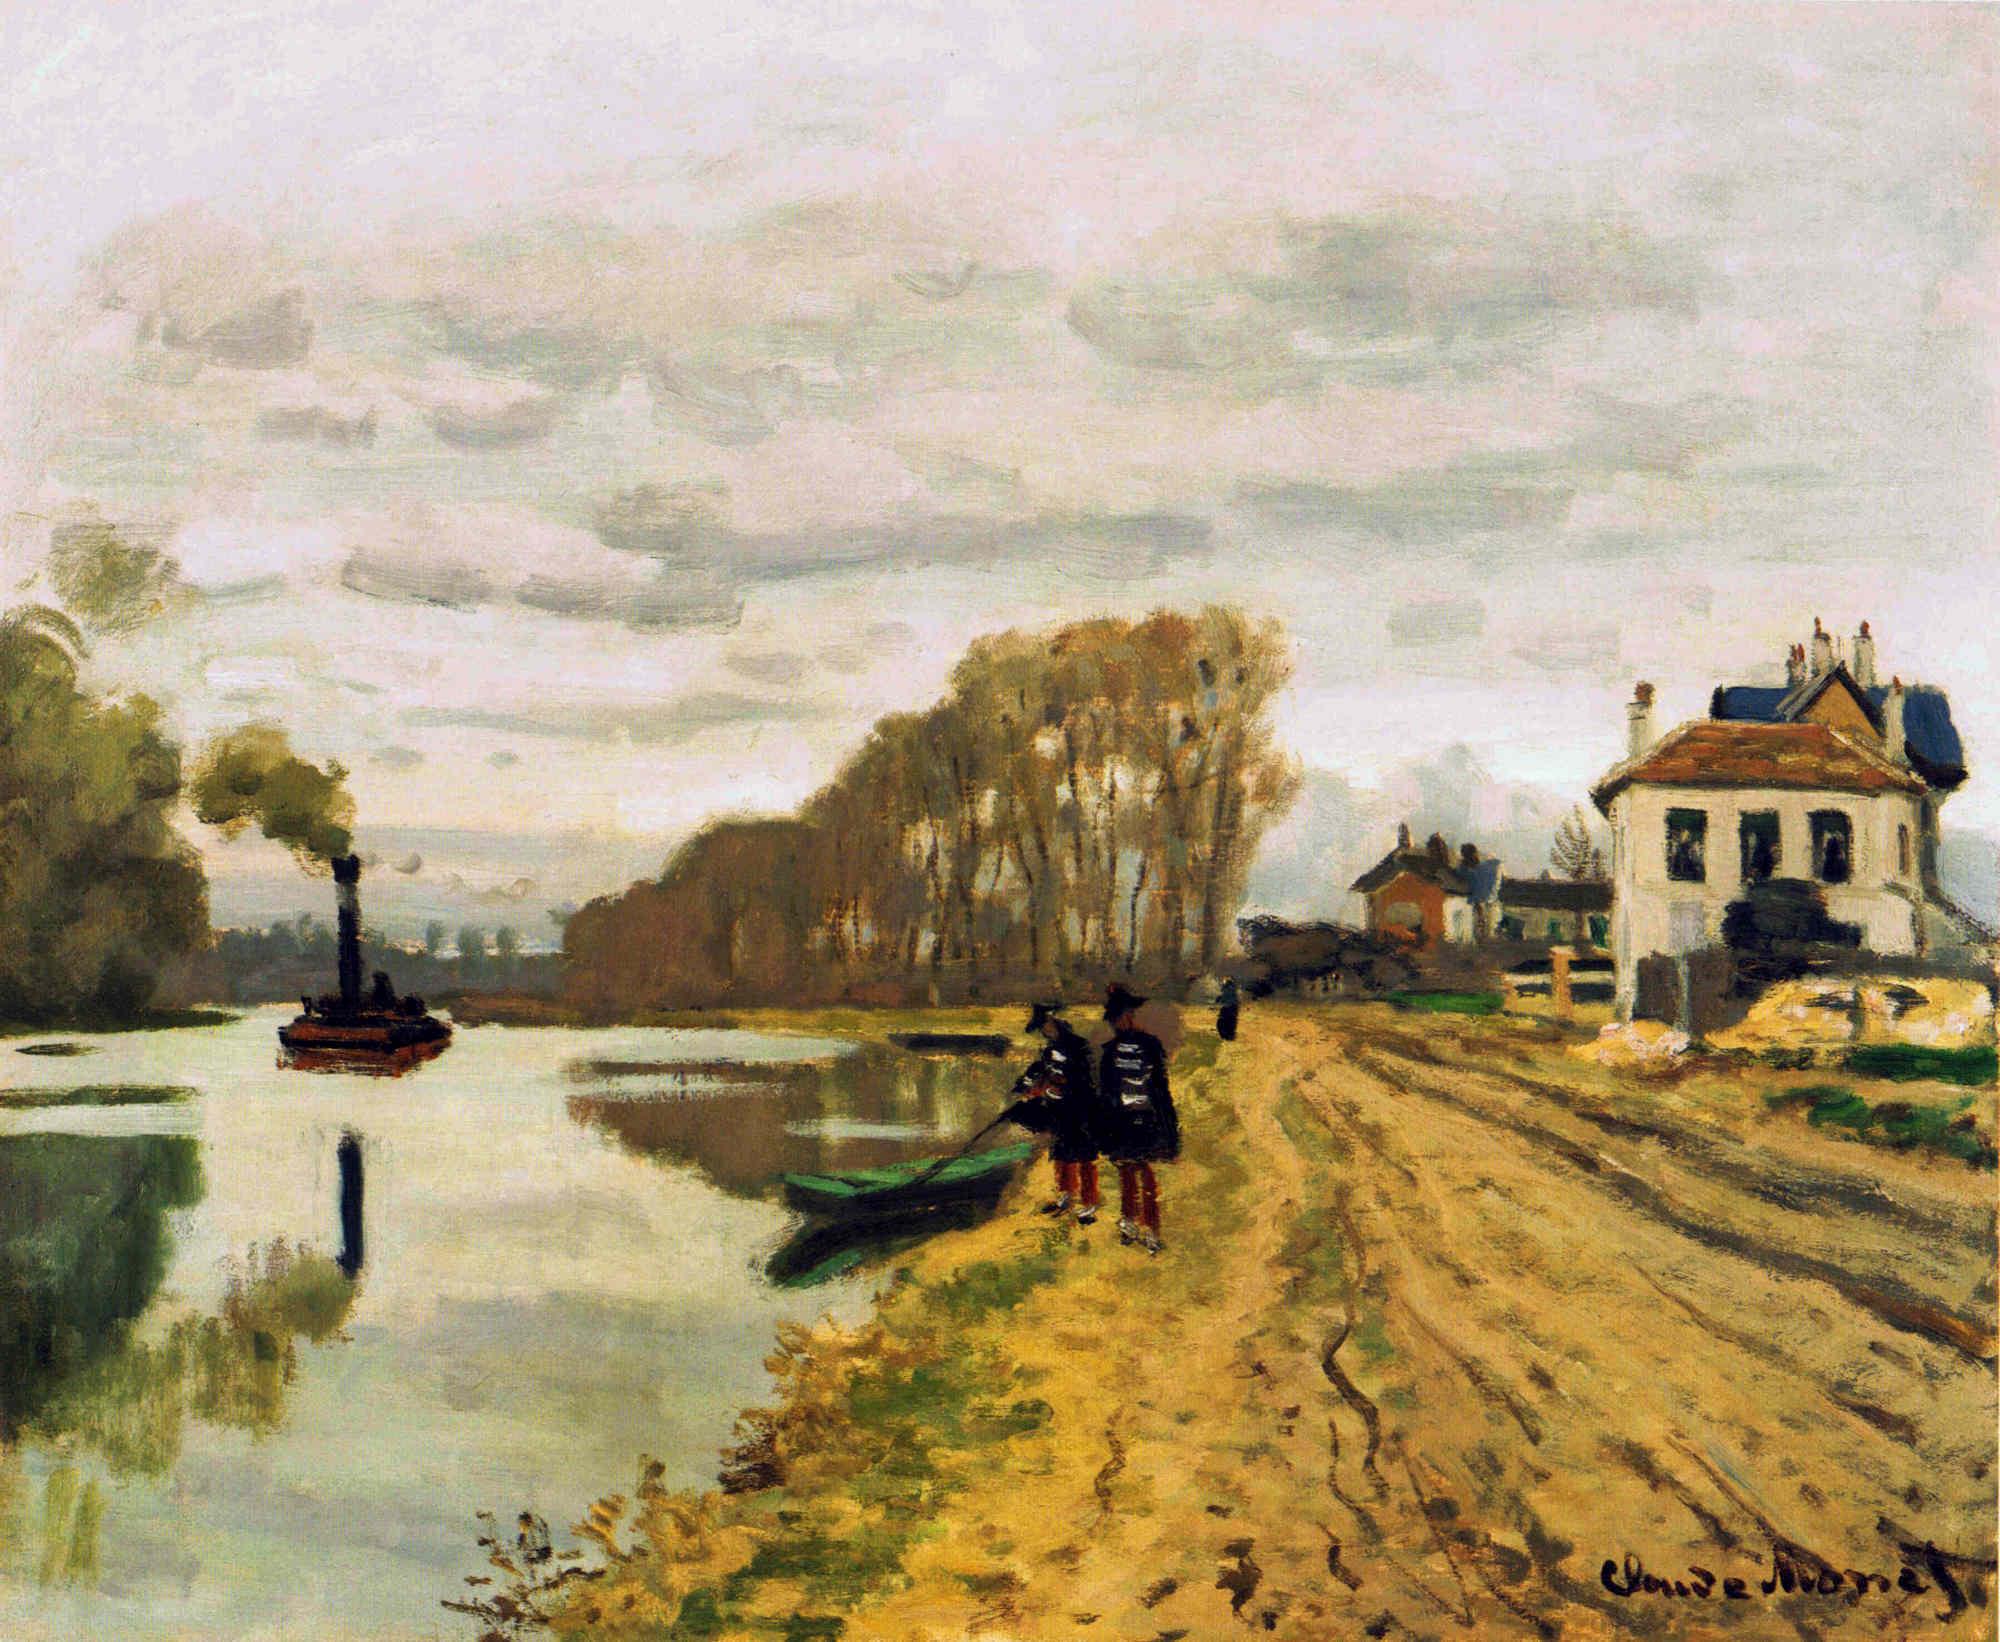 речной пейзаж Пешие караульные, бродящие вдоль реки :: Клод Моне, описание картины - Claude Monet фото